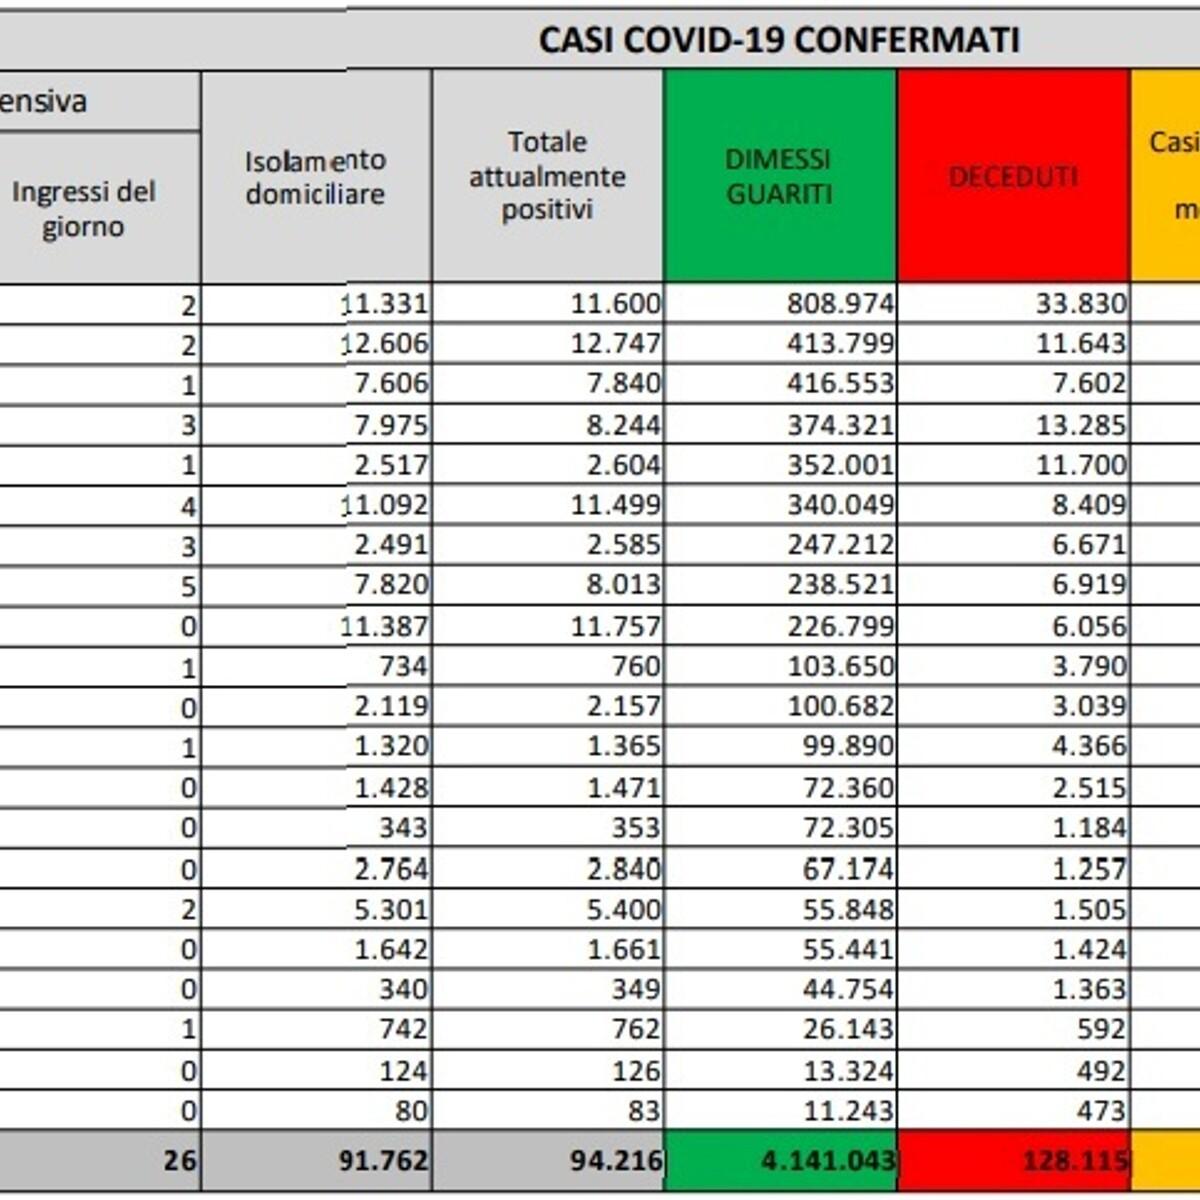 Coronavirus, il bollettino di oggi martedì 3 agosto: 4.845 nuovi casi e 27 morti. Ecco i nuovi casi e i focolai regione per regione